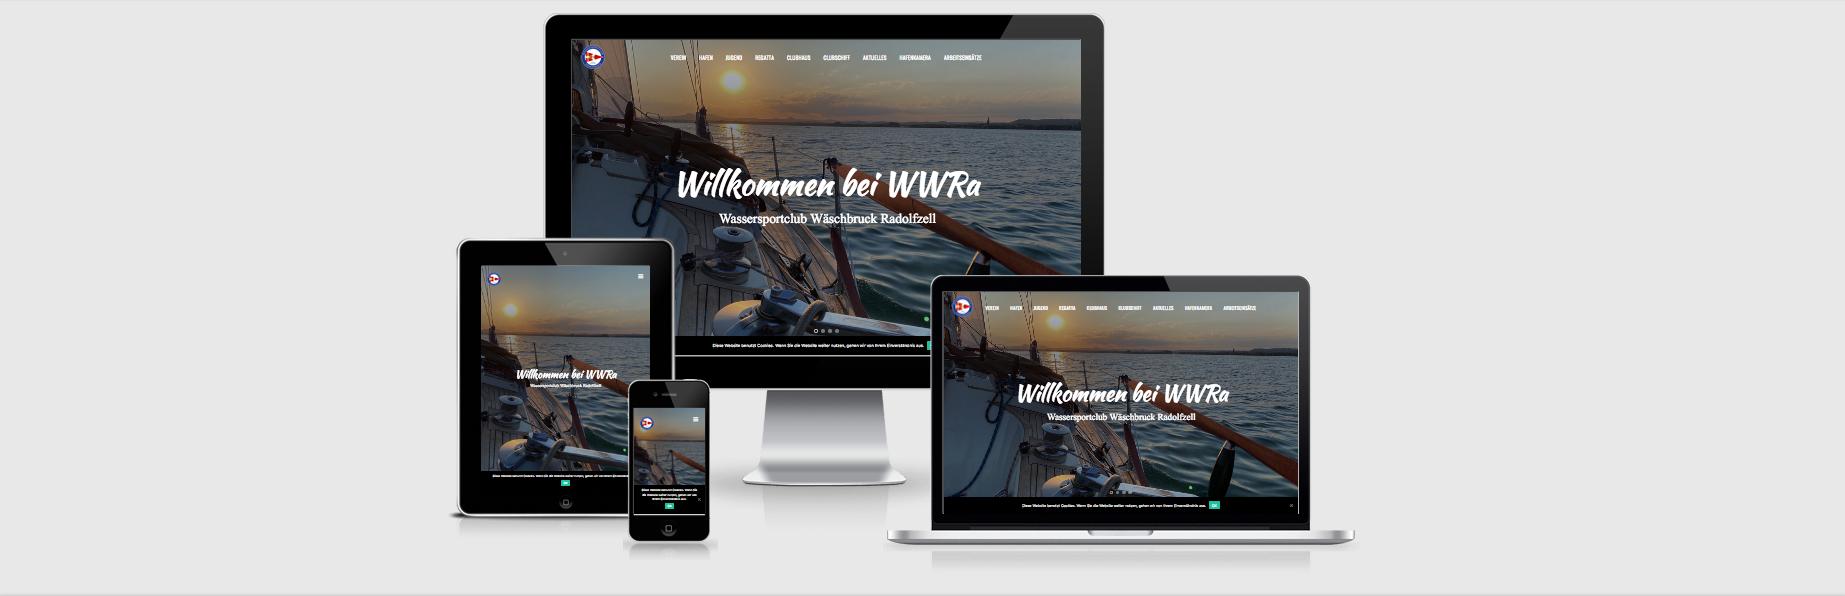 Wassersportclub Wäschbruck Radolfzell e.V. (WWRa) - Alles rund um den Relaunch der Website